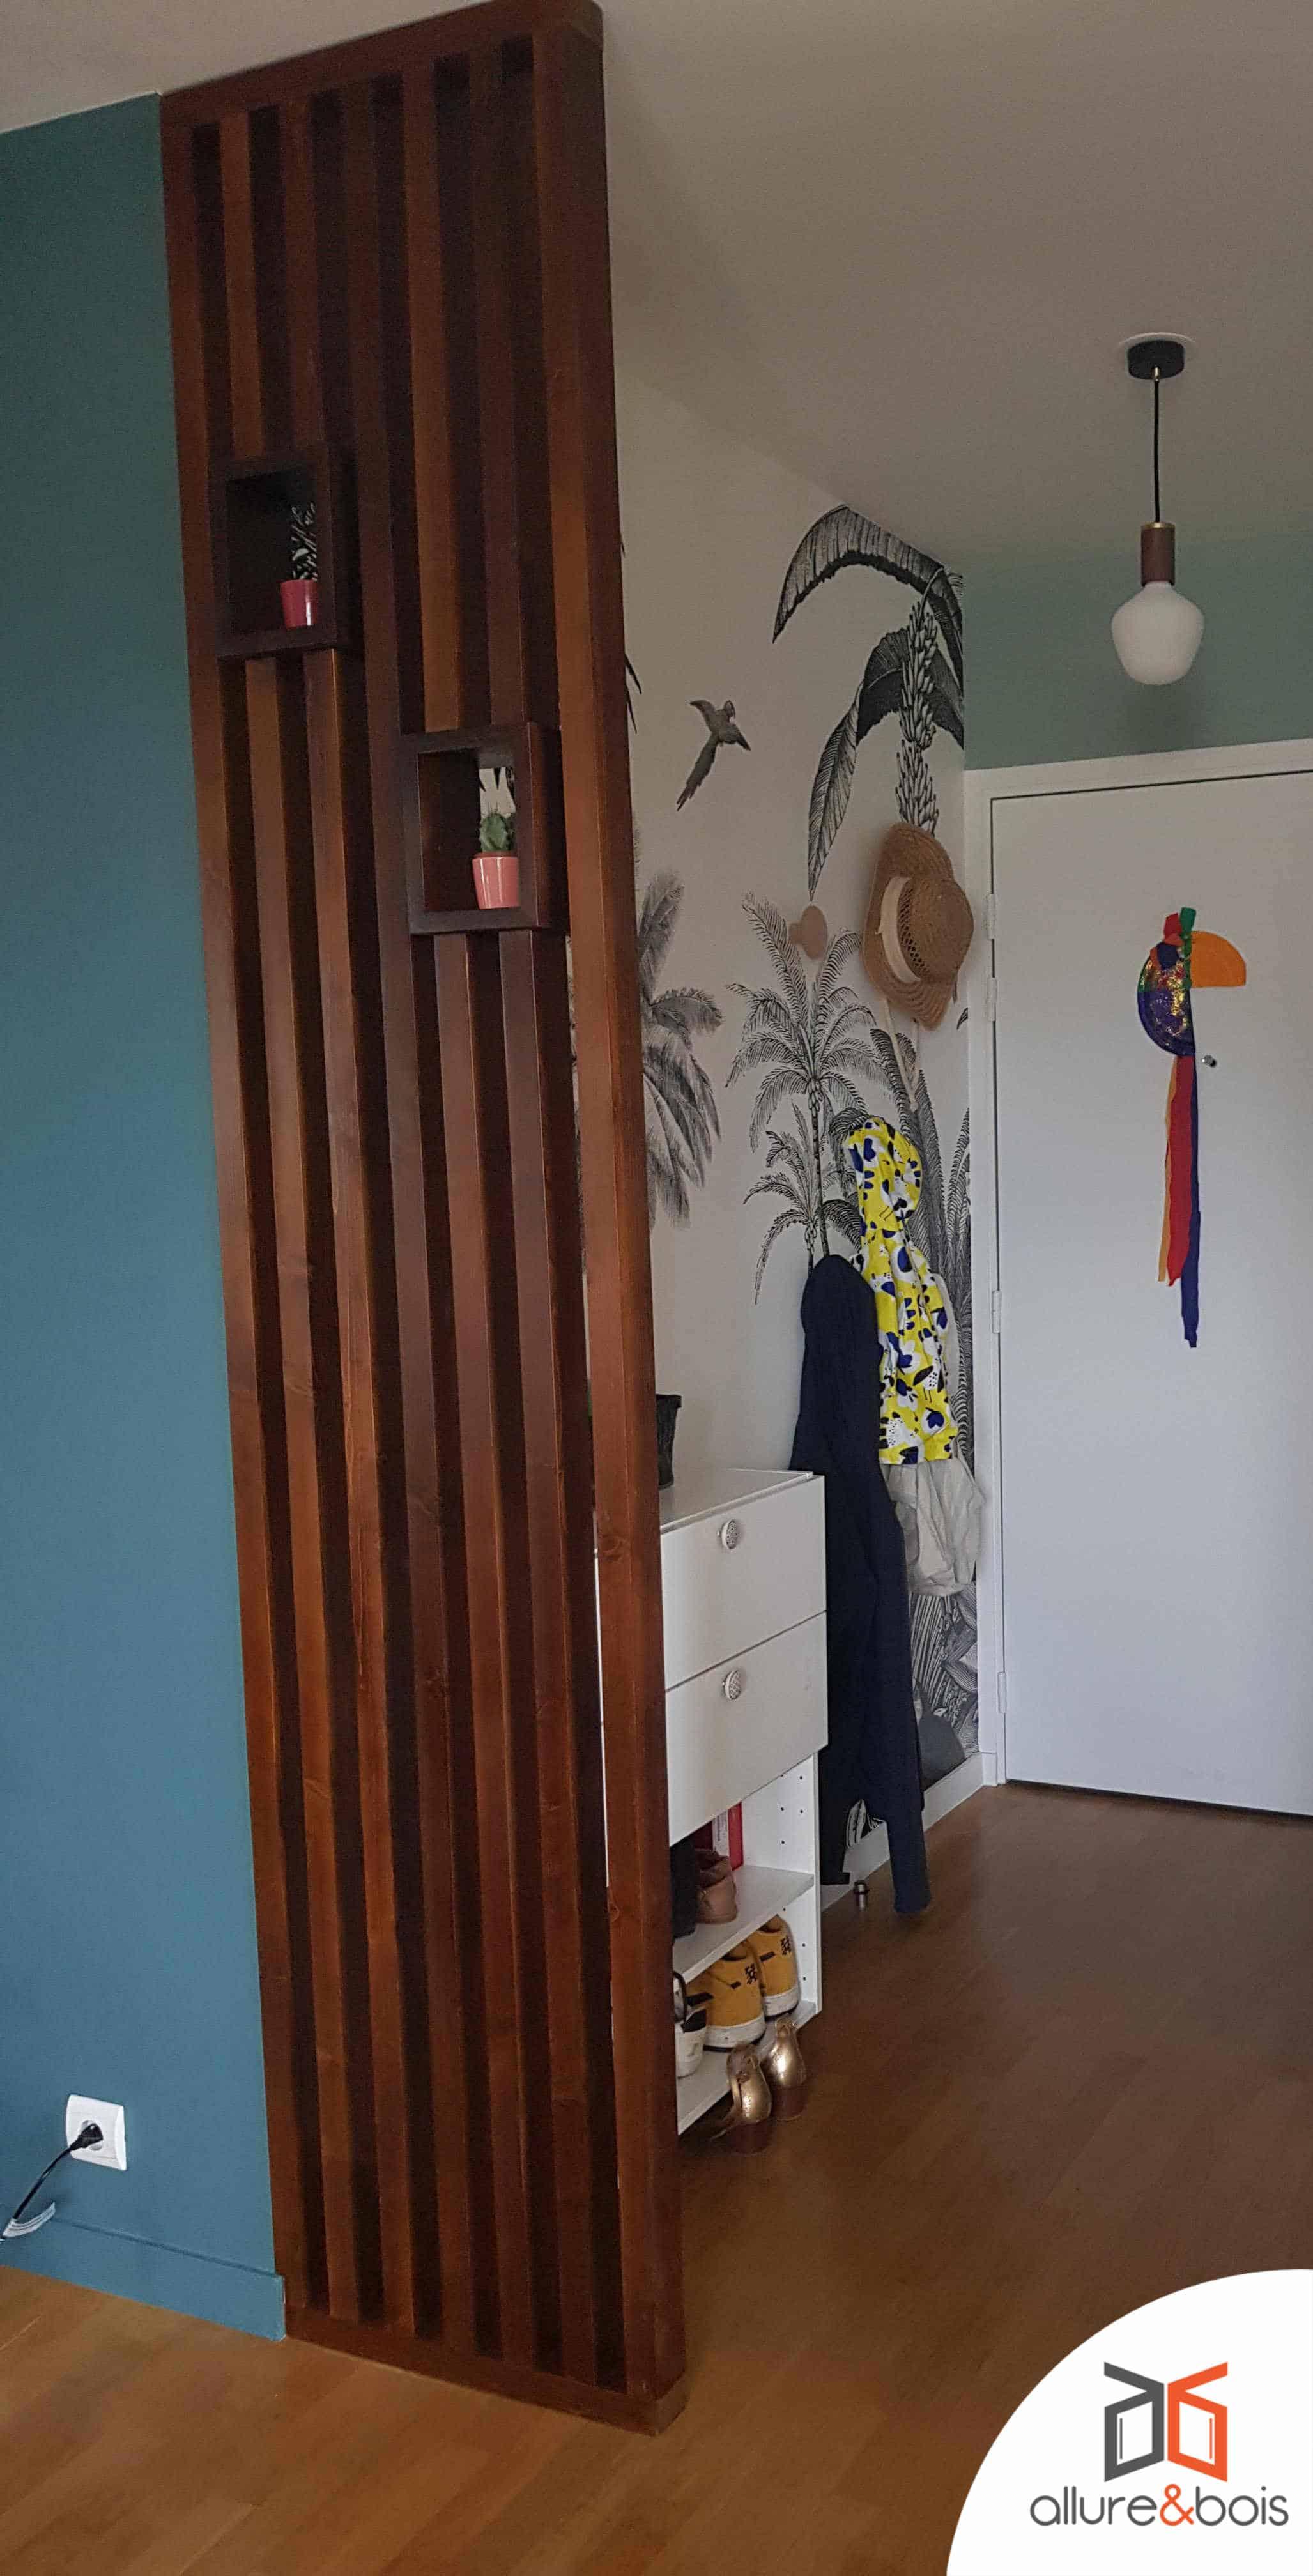 claustra étroit pour hall d'entrée